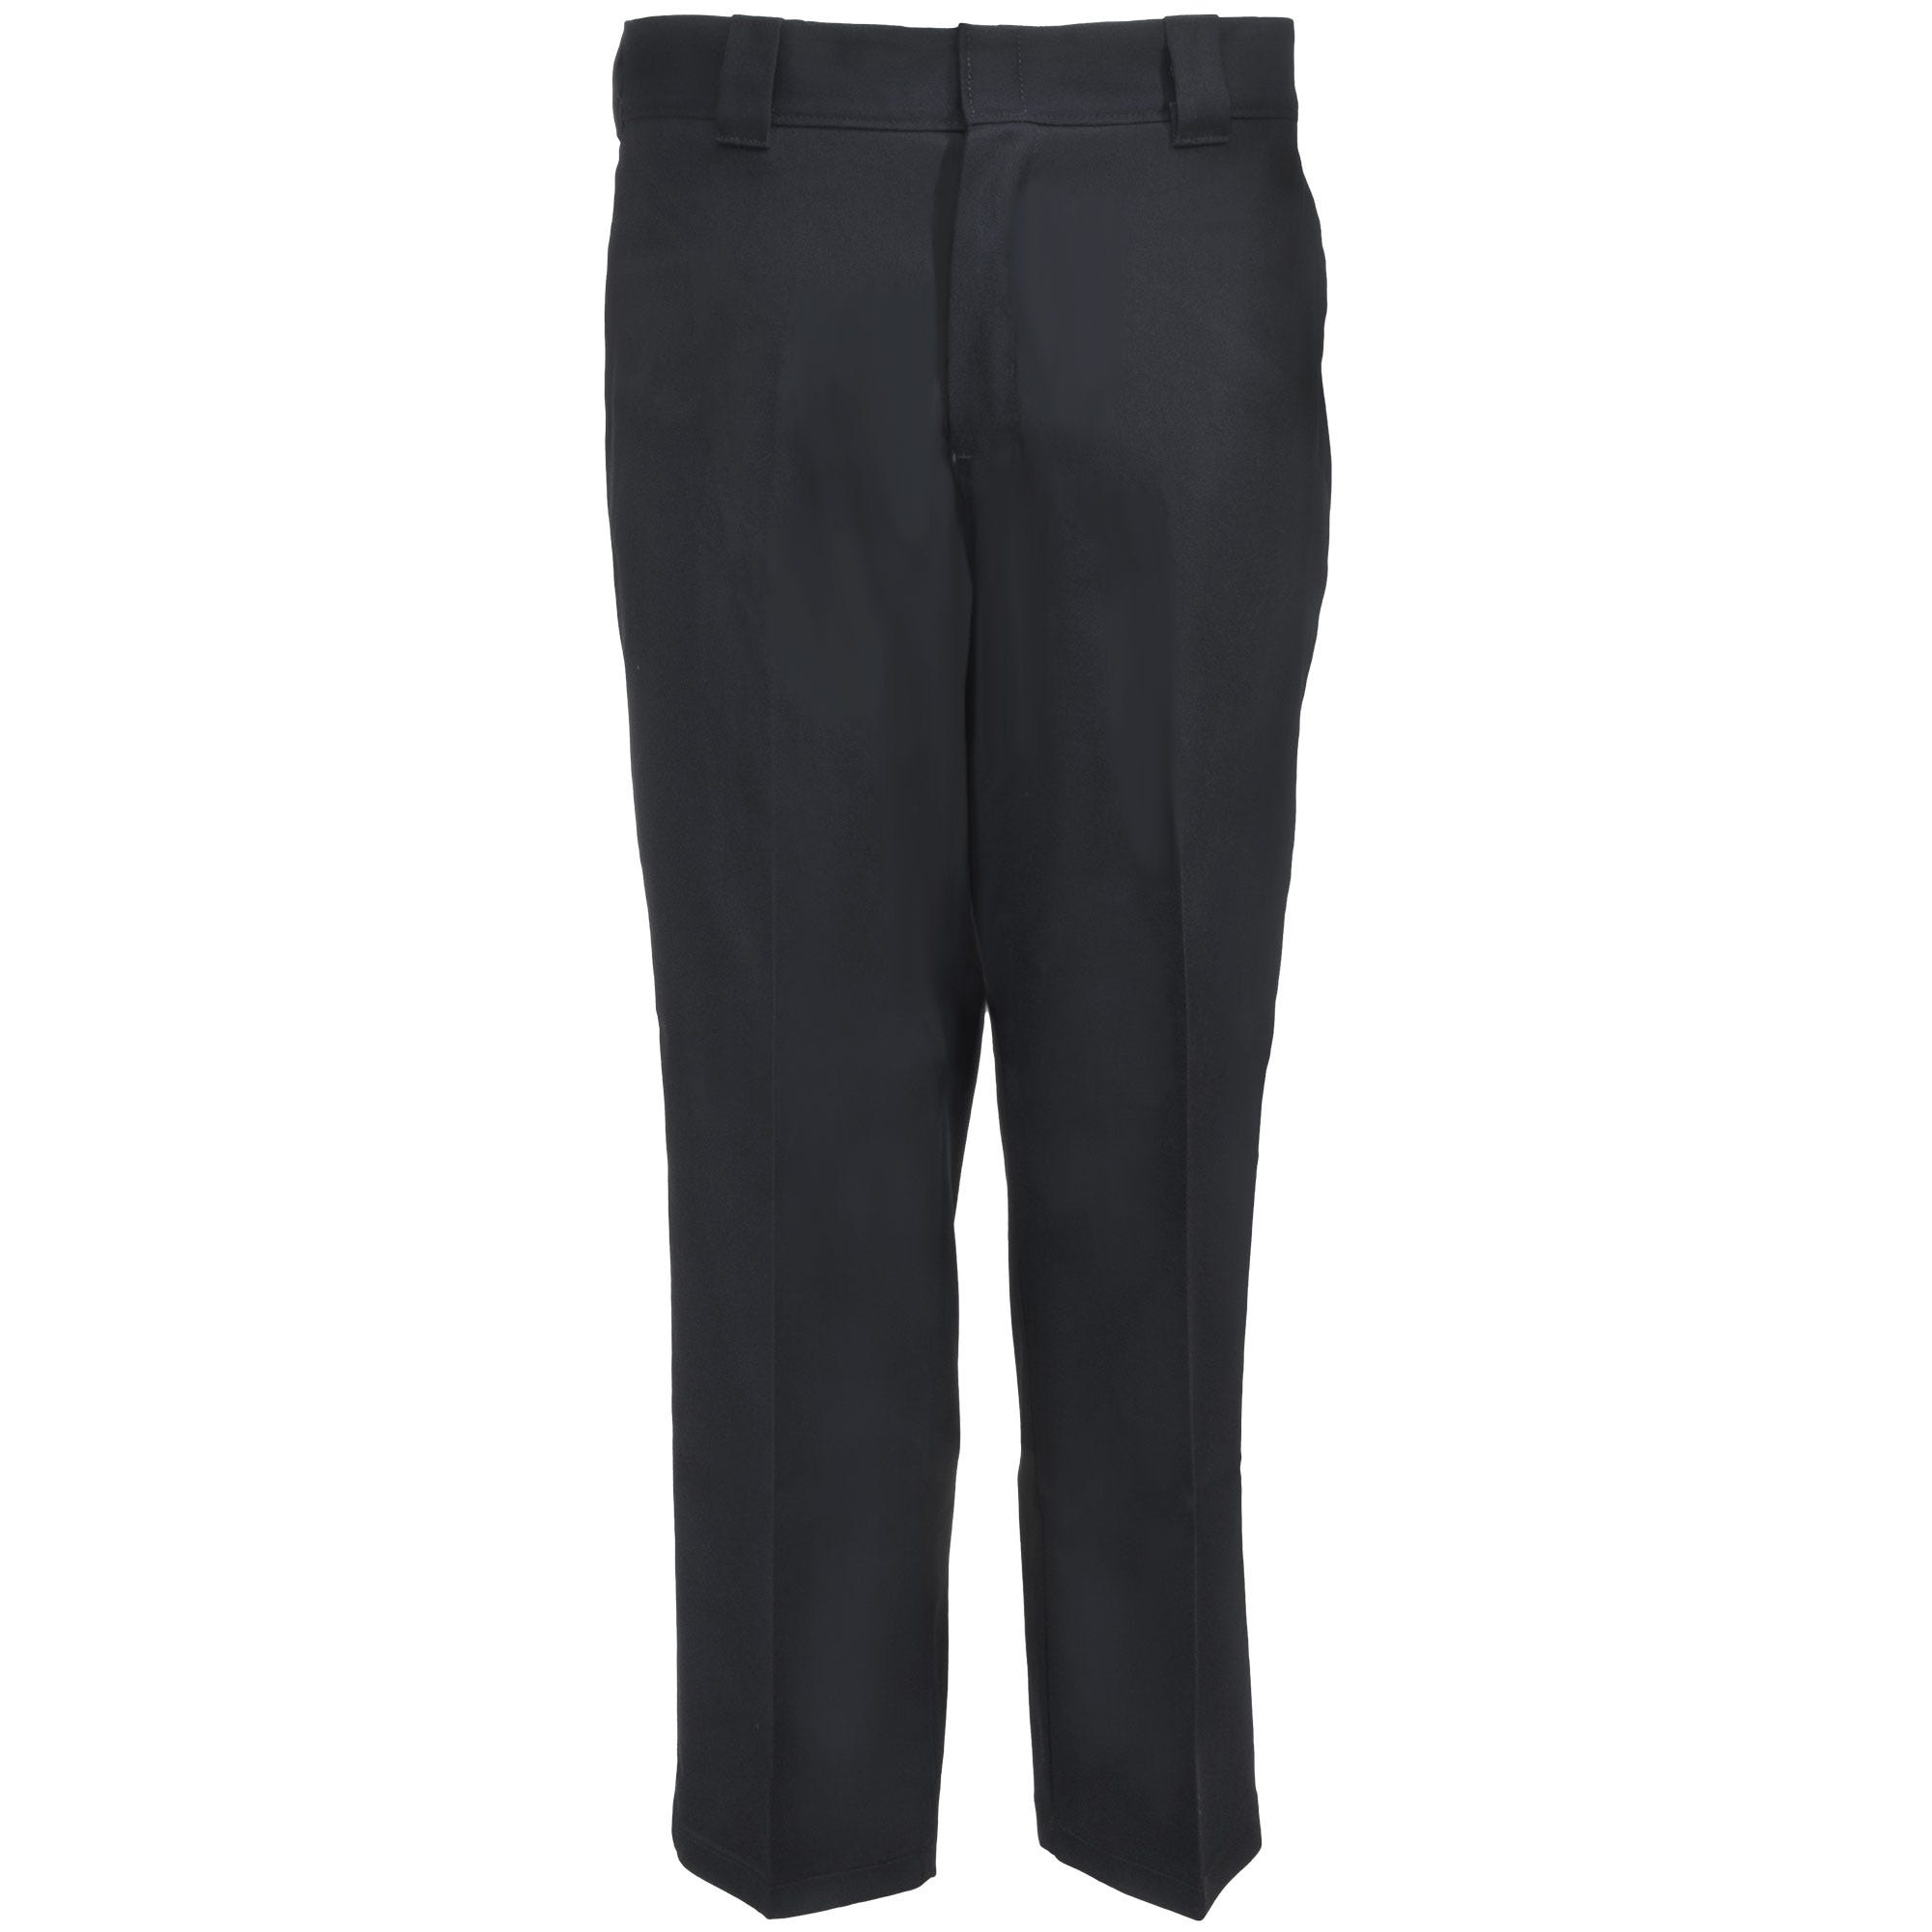 Dickies 874 FBK Black Moisture-Wicking Wrinkle-Resistant Work Pants